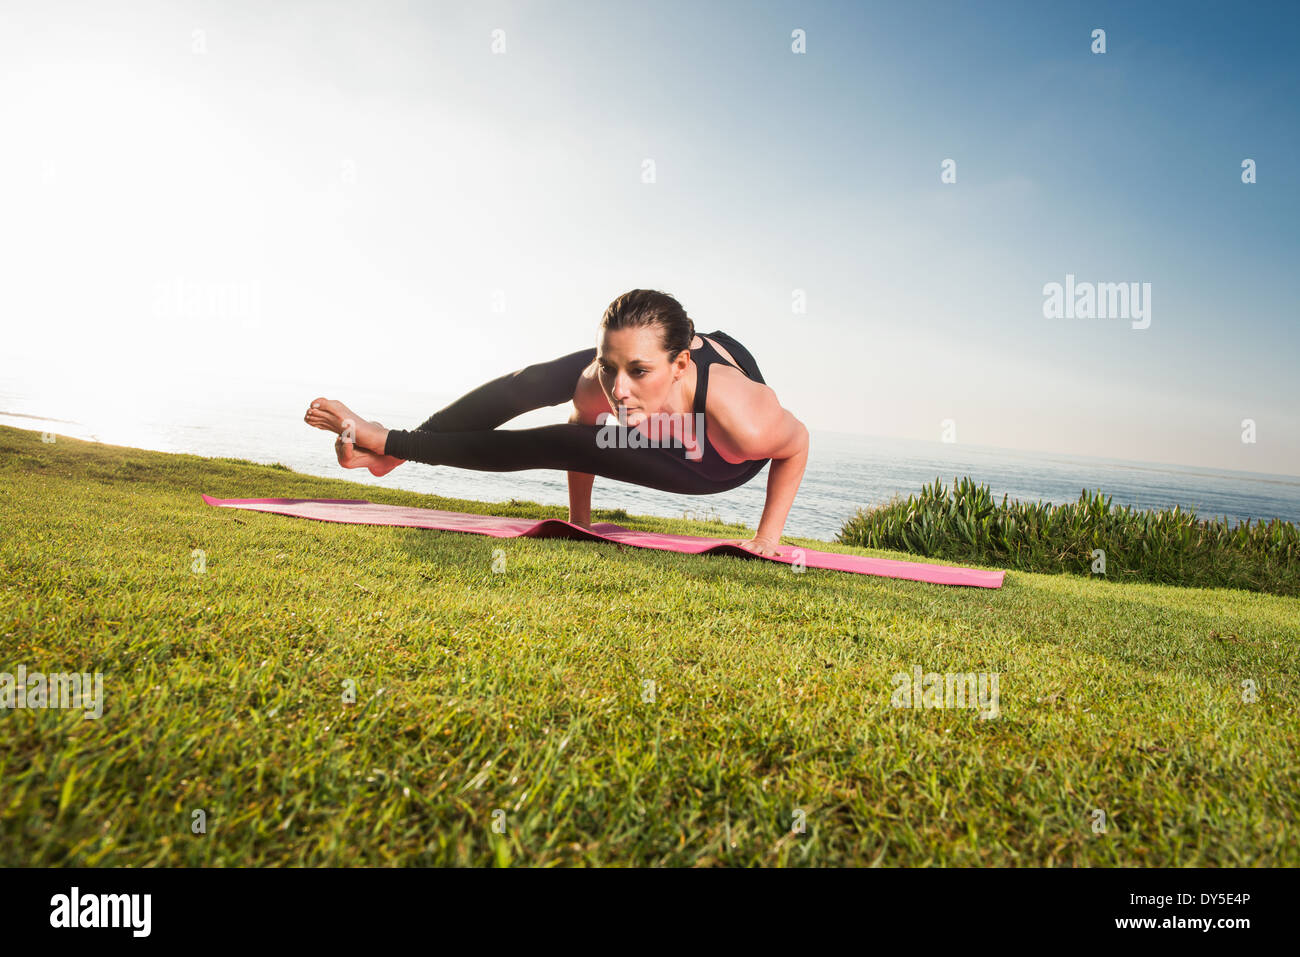 Le donne sulla scogliera, in posizione di yoga Immagini Stock